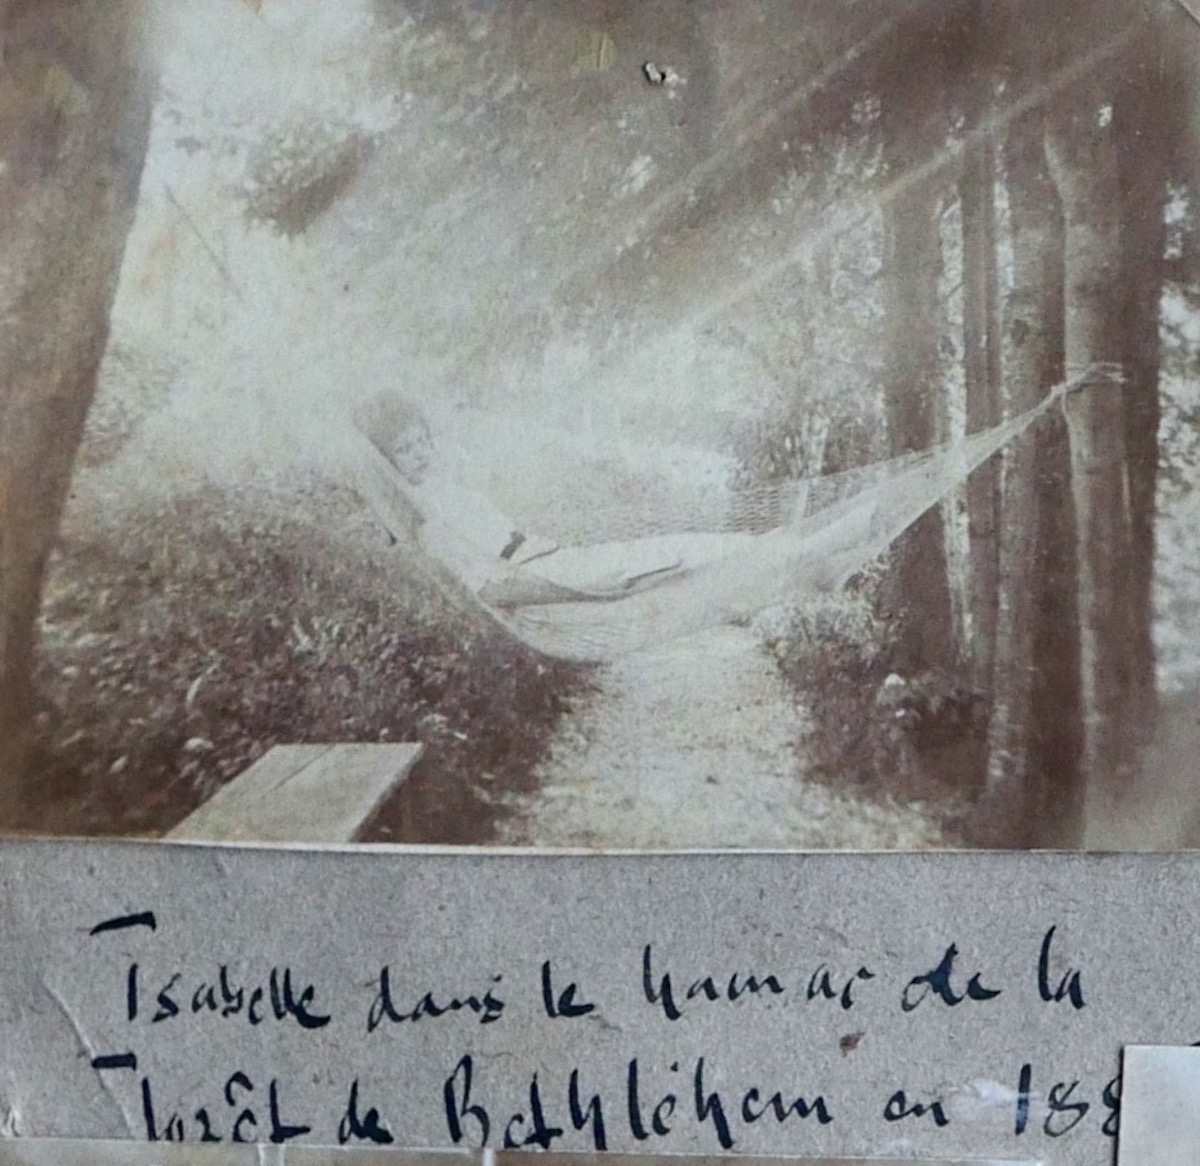 Isabelle Kaiser in der Hängematte auf dem Anwesen der Familie in Zug.